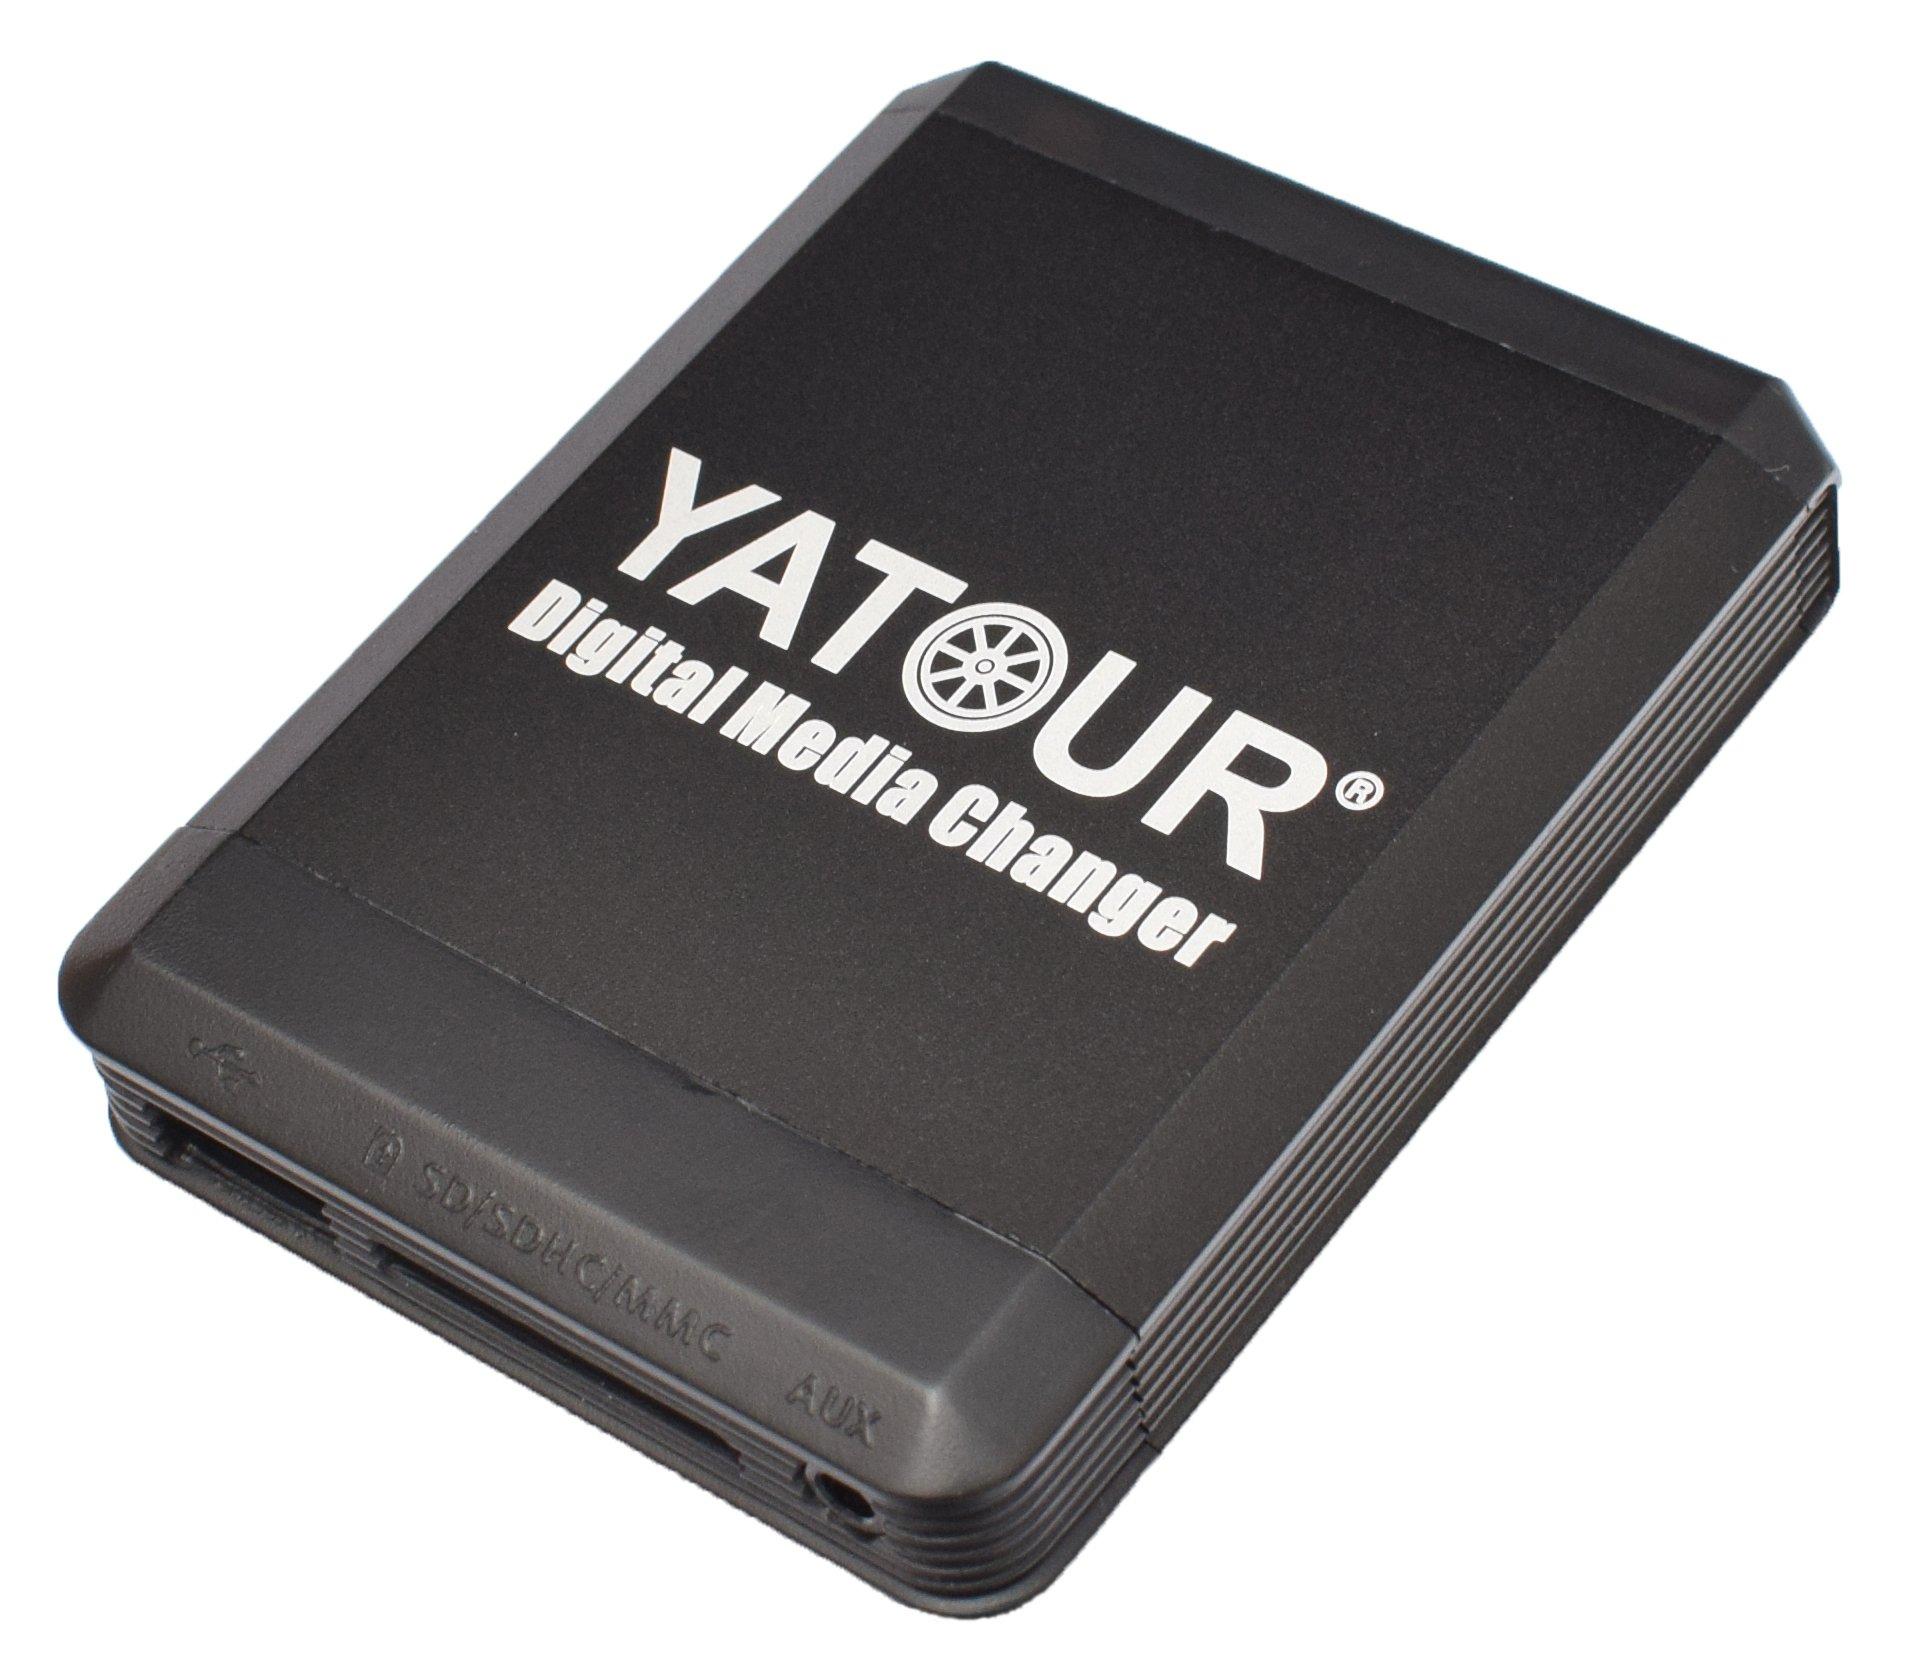 Yatour-YT-M07-BEK-Musik-Adapter-CD-Wechsler-Audio-Interface-USB-SD-Aux-passend-fr-Becker-Radios-CD-Wechsler-MP3-Player